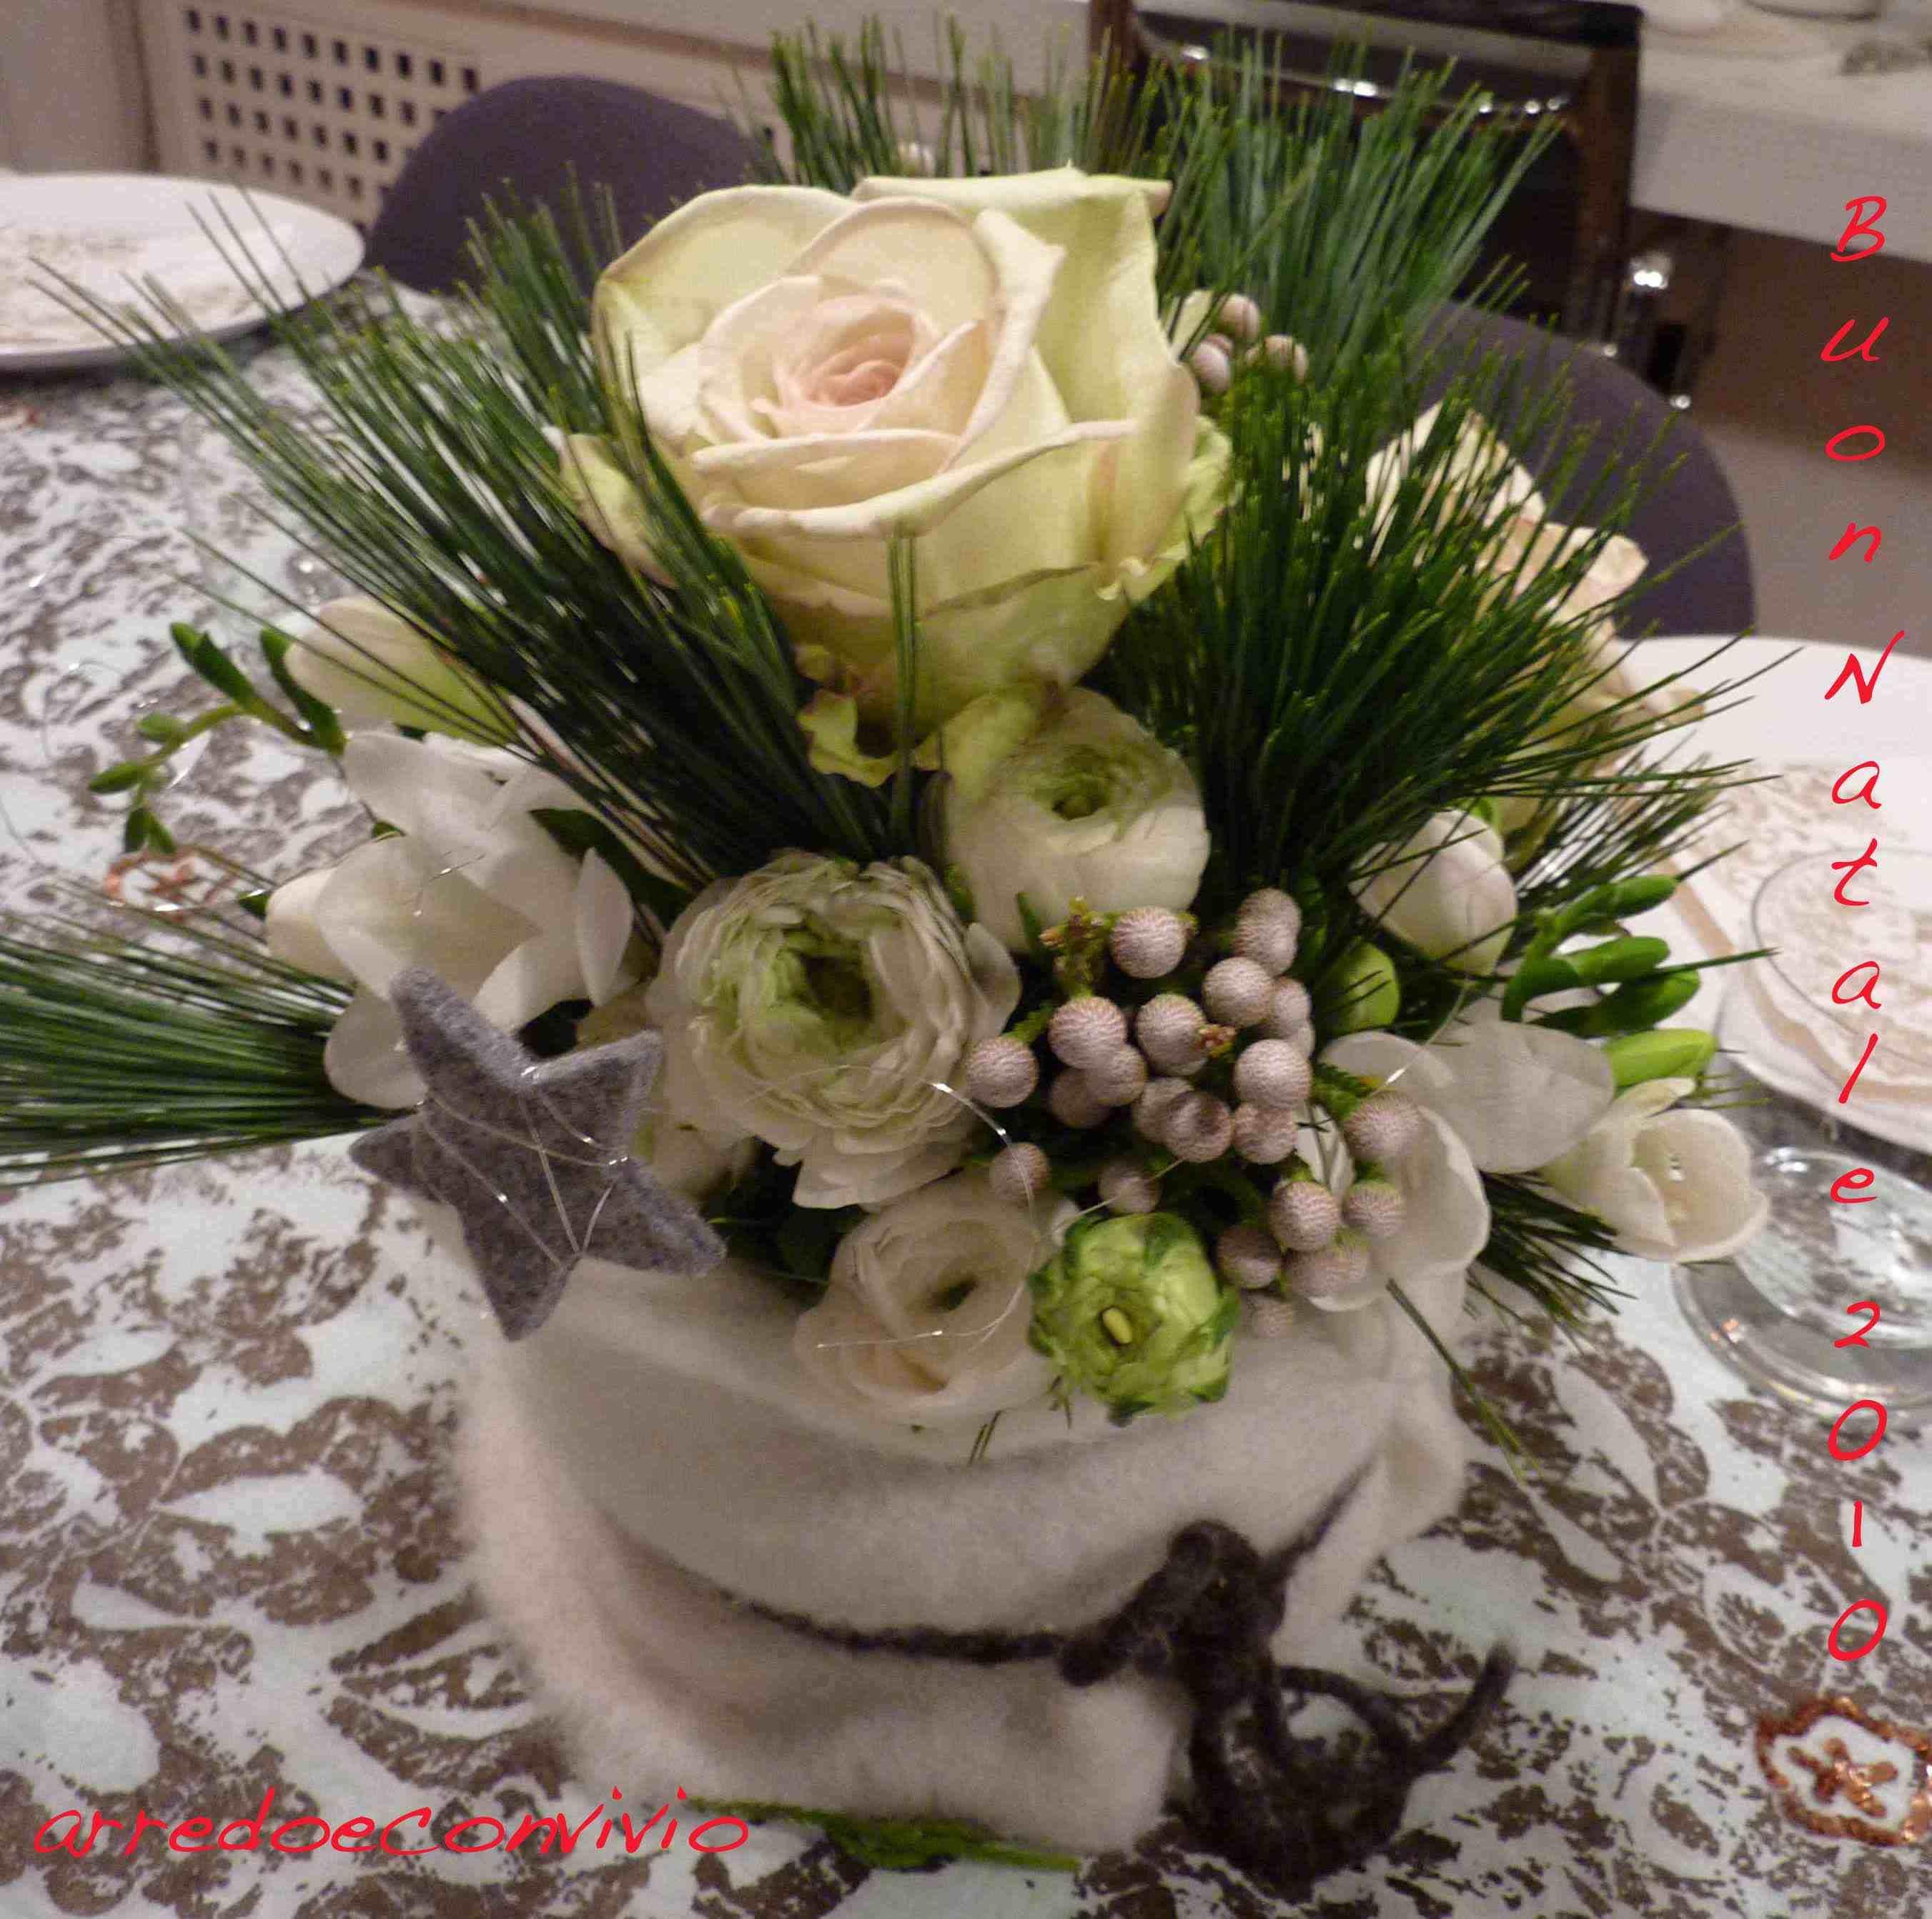 Matrimonio Bianco Natale : Matrimonio bianco natale inspiration board verde e rosso